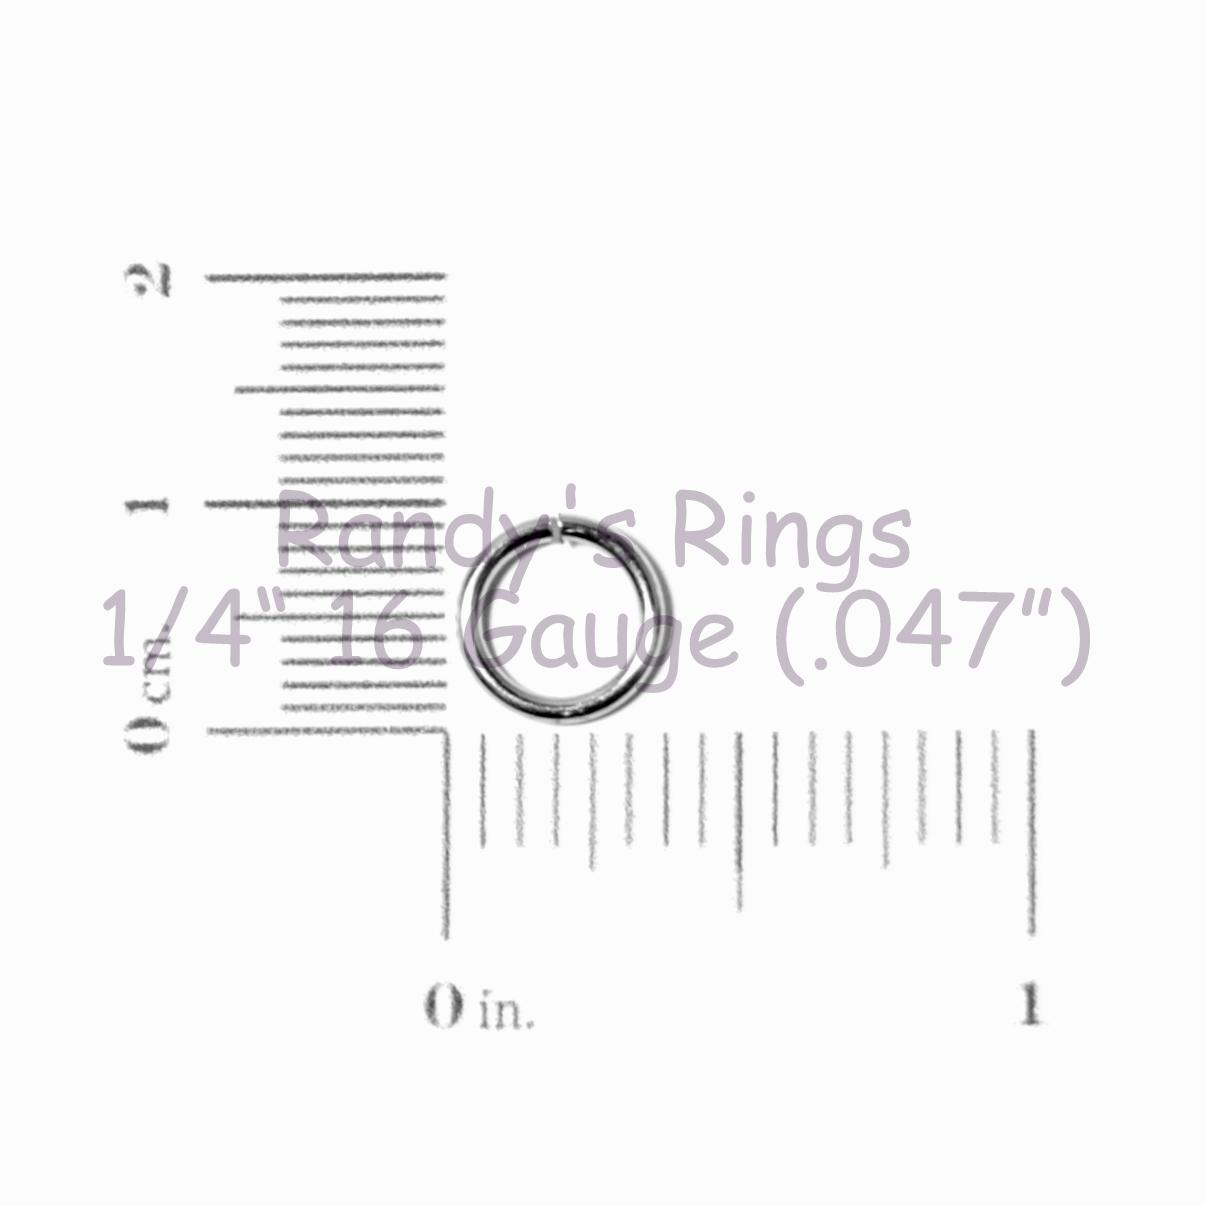 Randy S Rings Gt 1 4 16 Gauge 047 Jump Rings